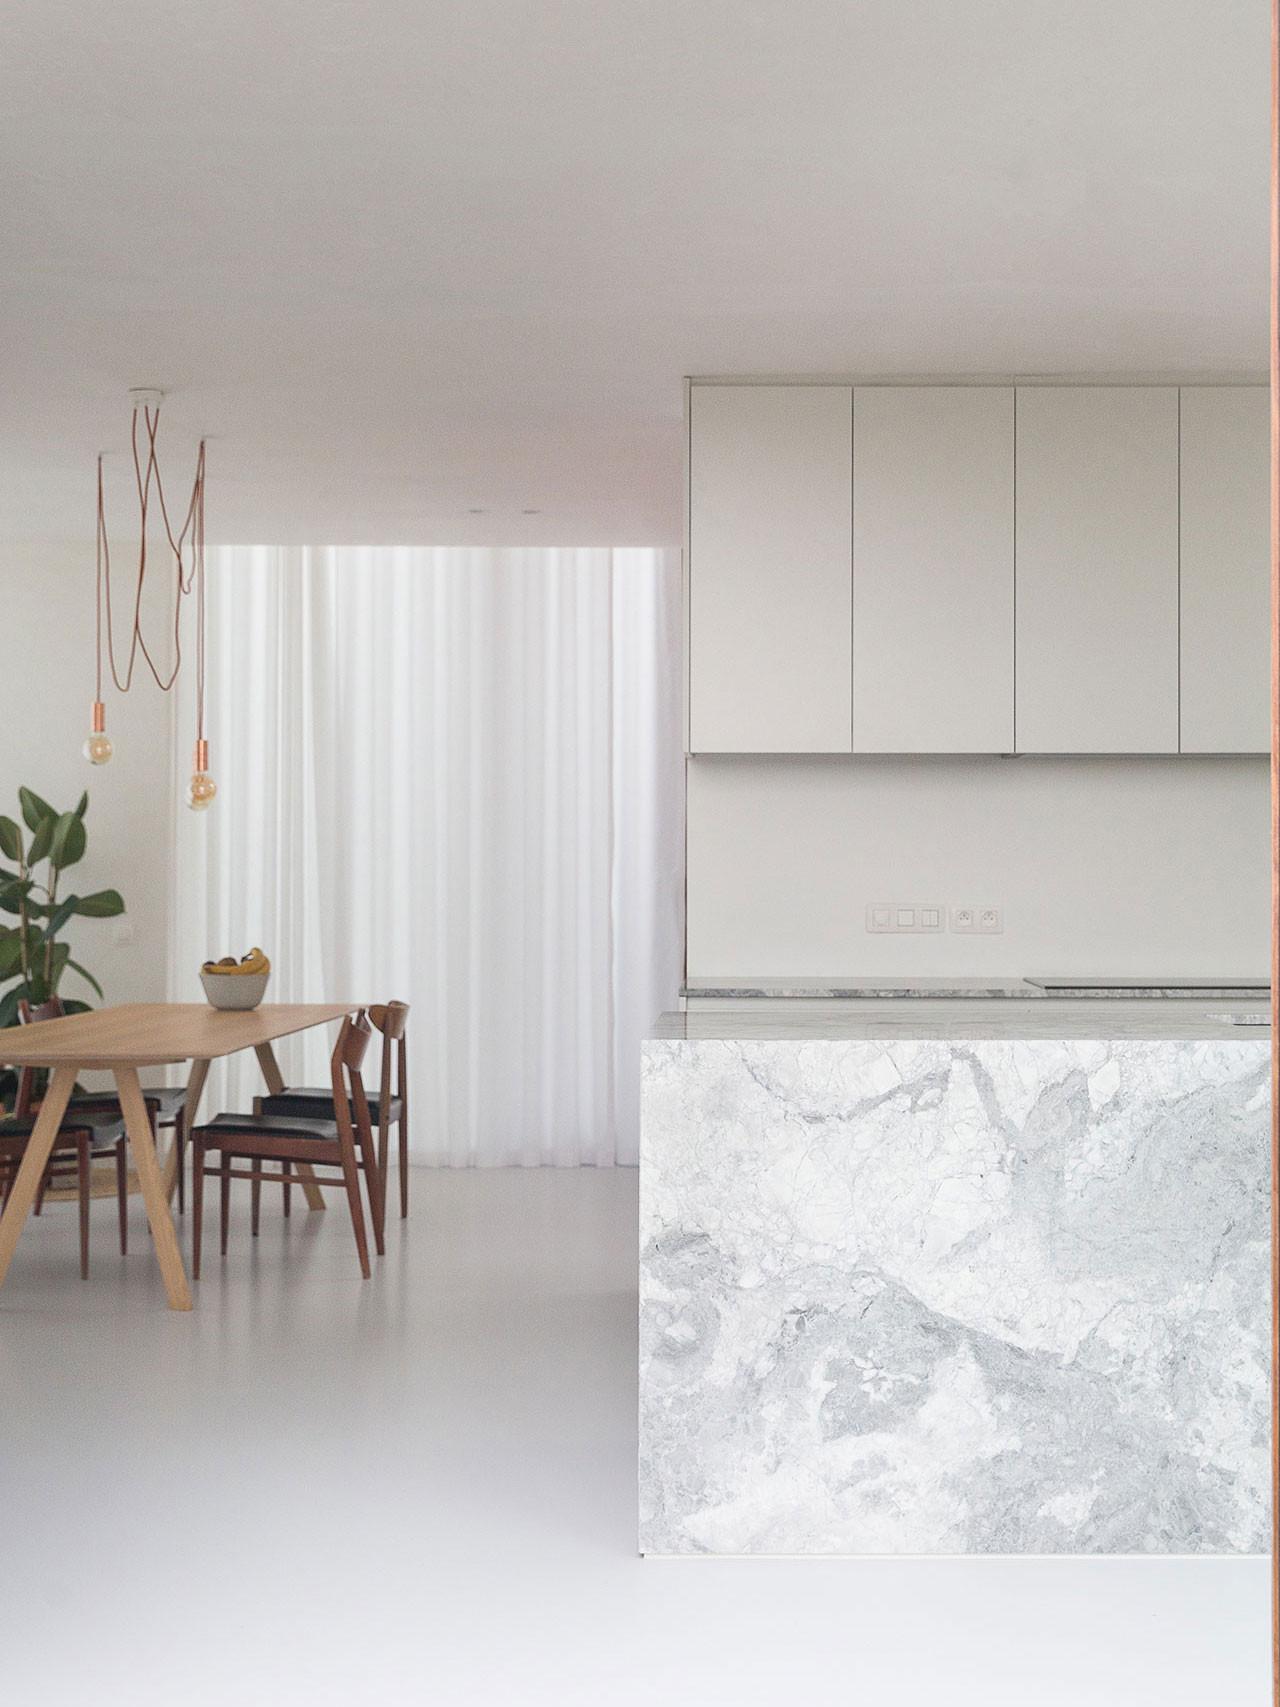 Dekeyzer-hedendaagse-keuken-realisatie-Gent-natuursteen-3.jpg